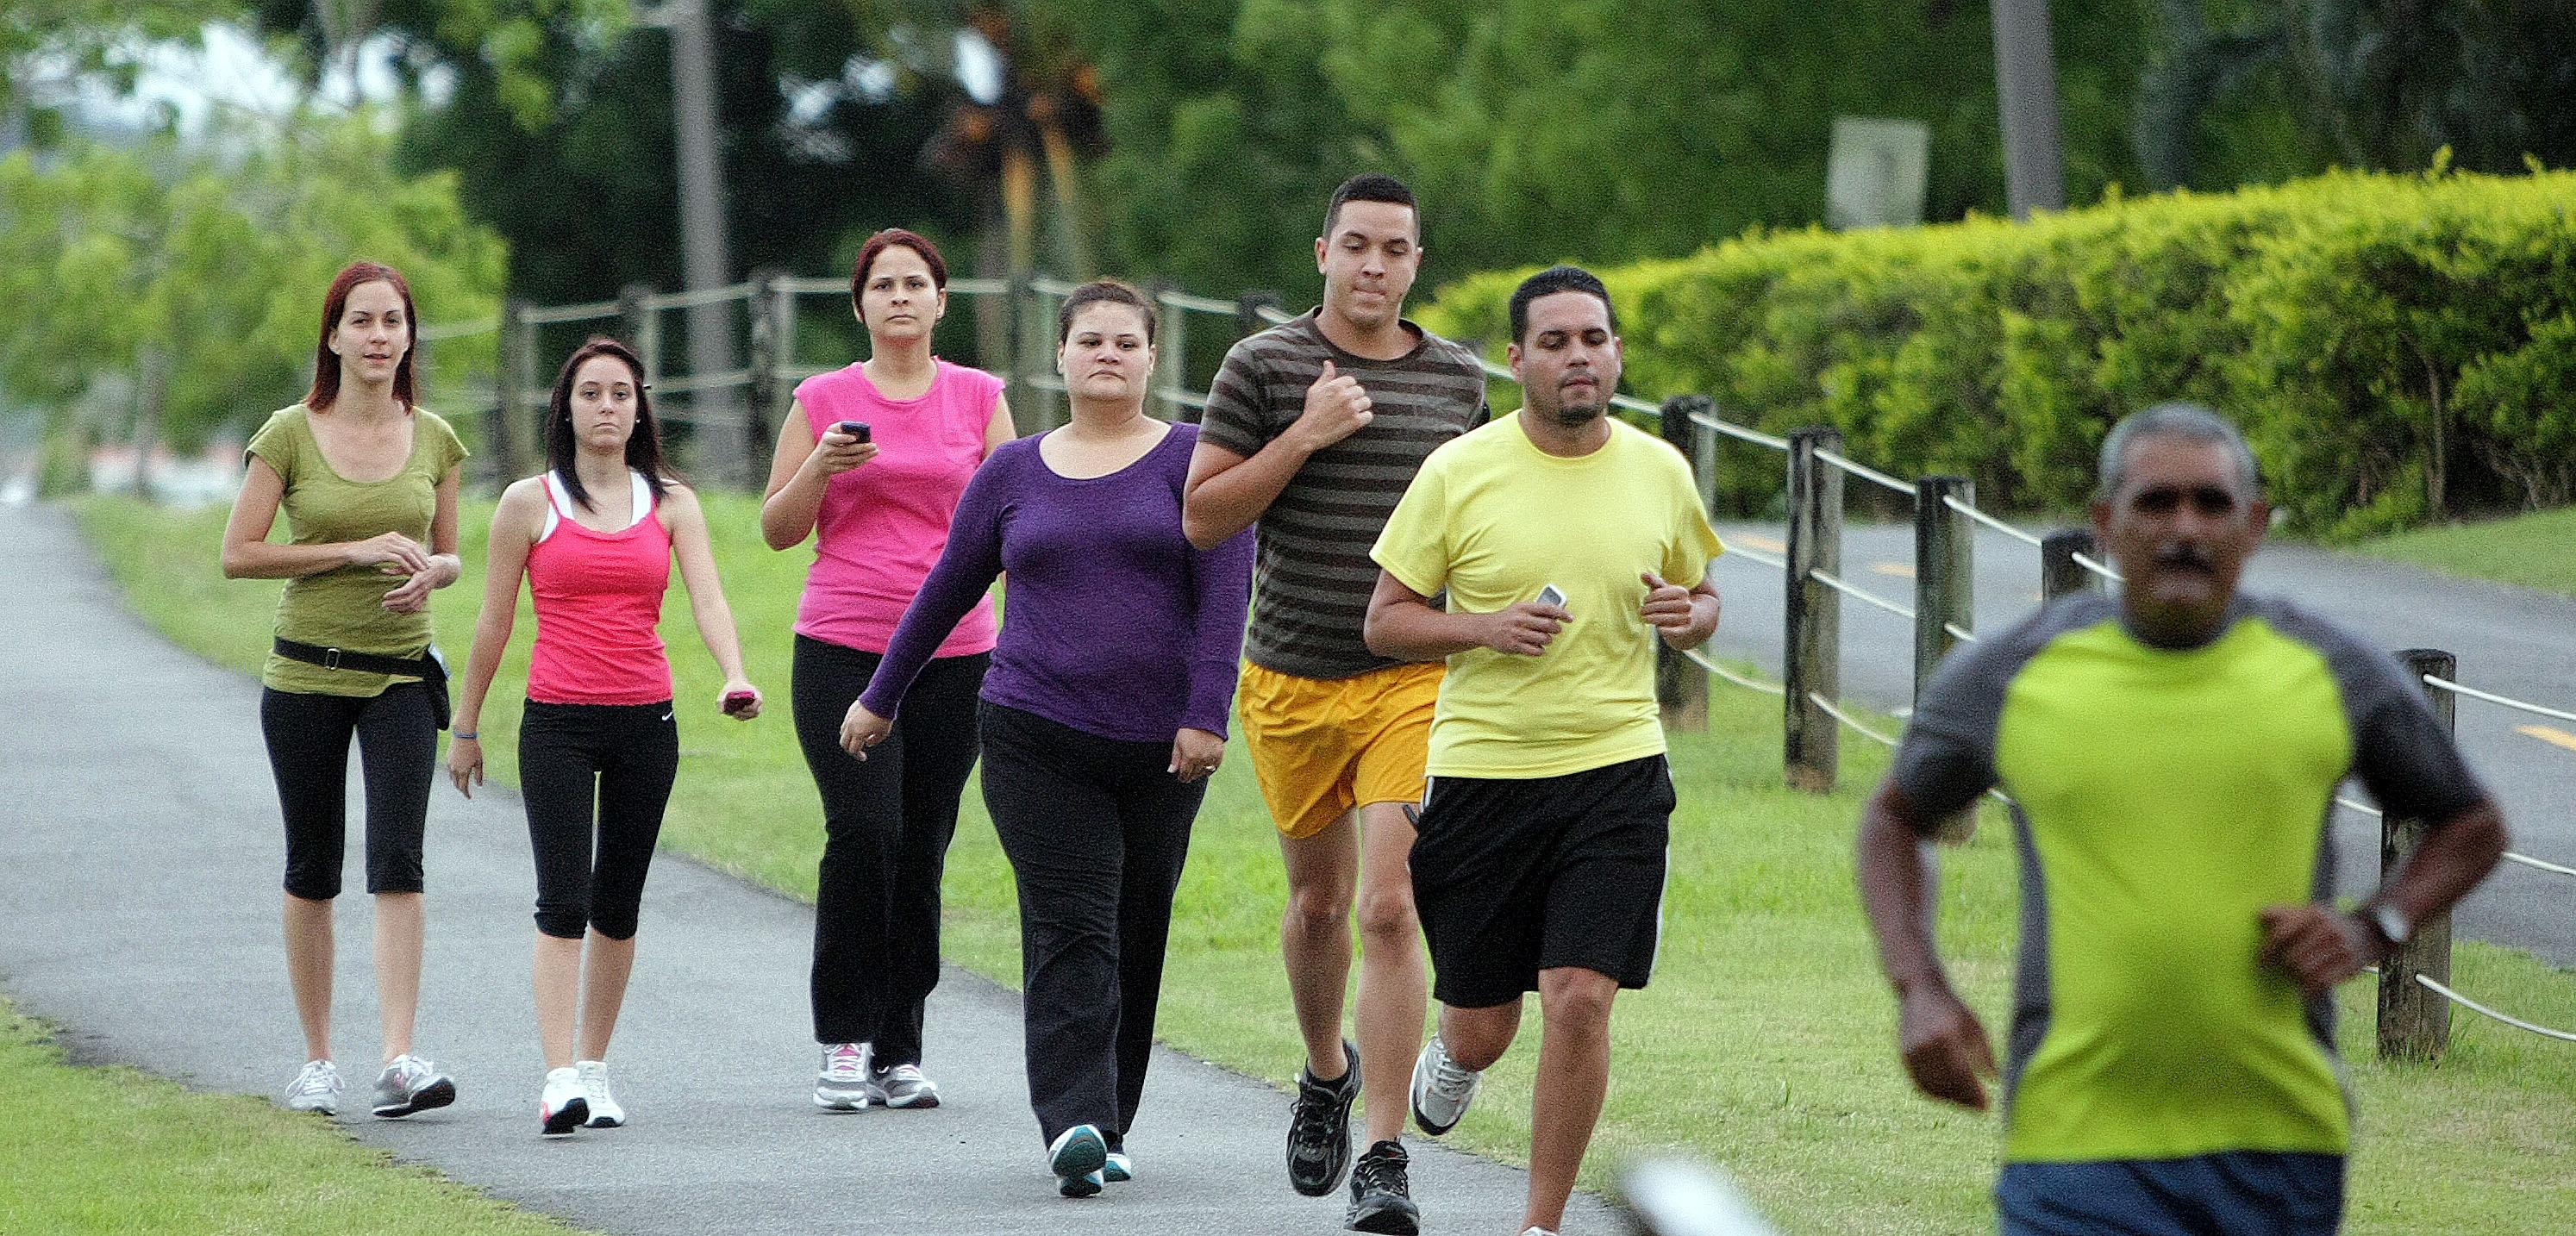 Resultado de imagen para personas caminando ejercitandose